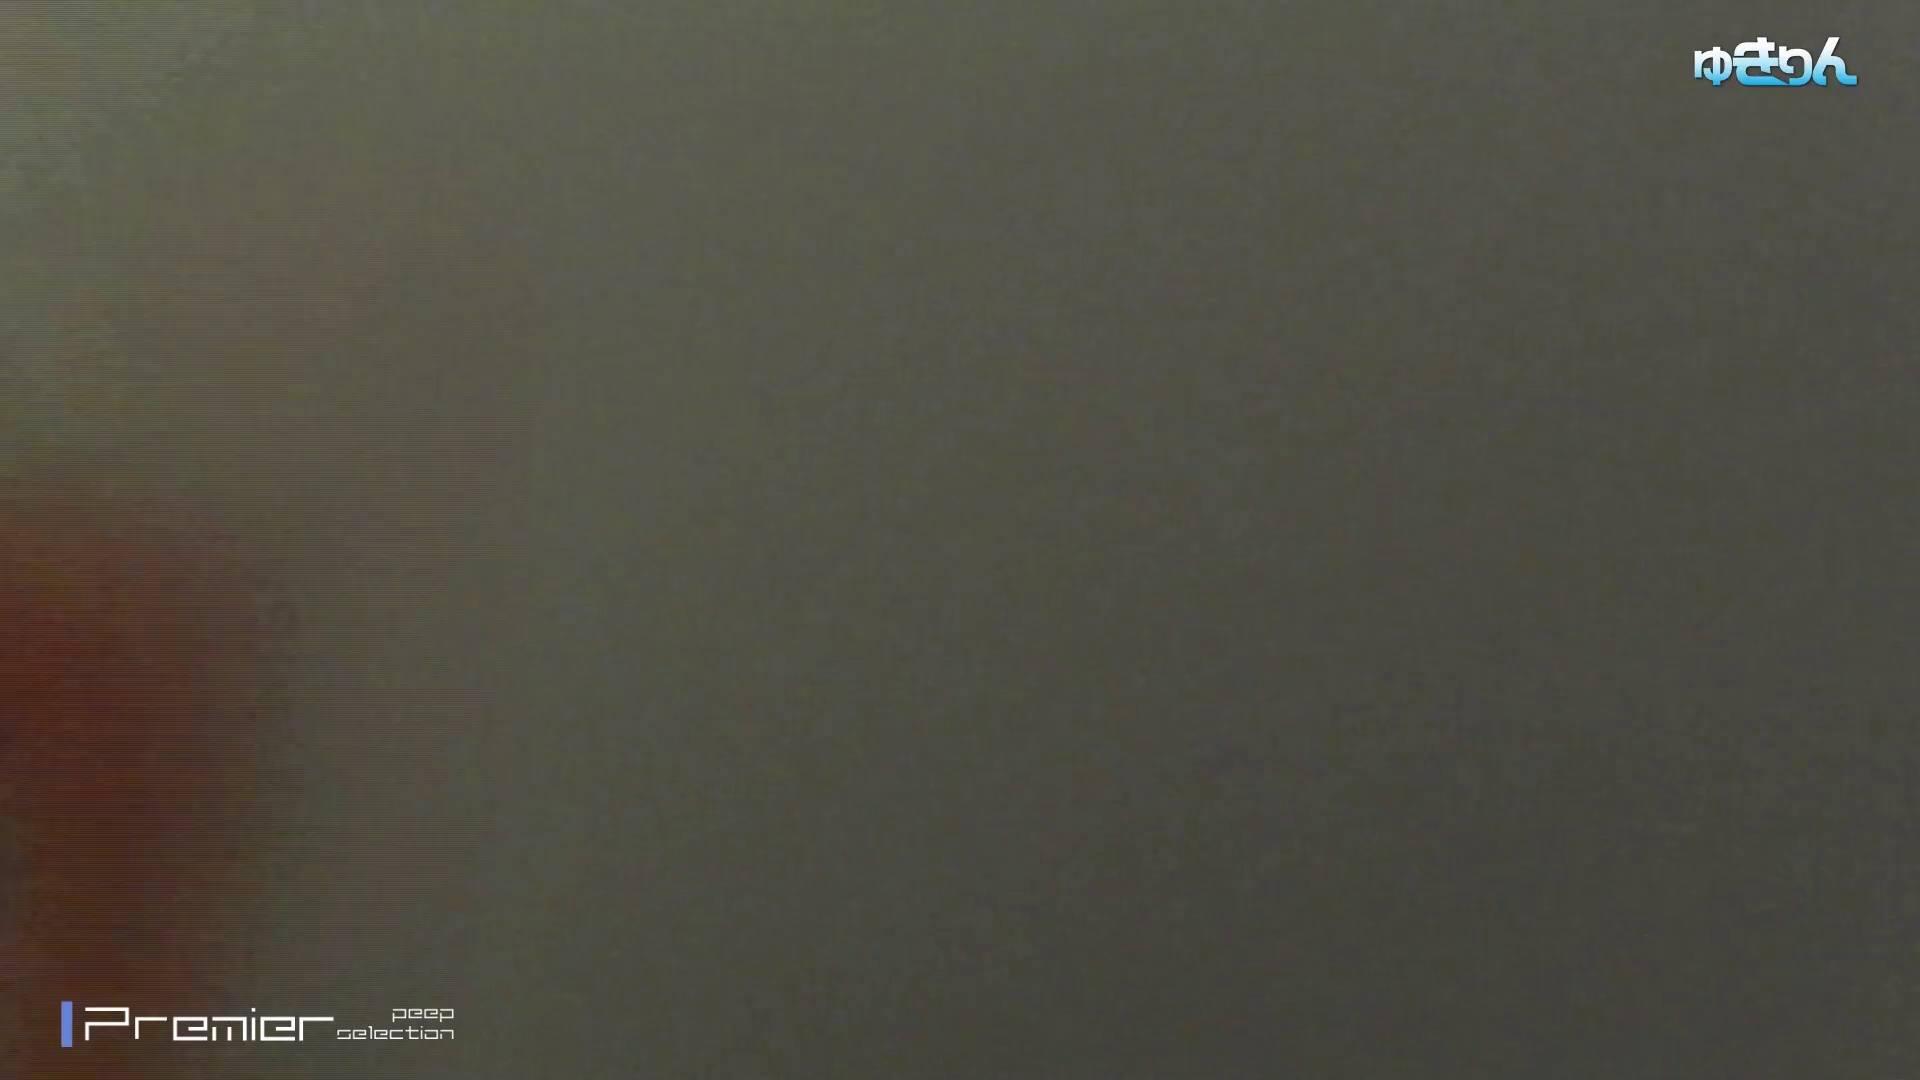 ステーション編 vol64 無料サンプルのモデル登場!最高級の美人全然違う花弁 洗面所のぞき われめAV動画紹介 108枚 19